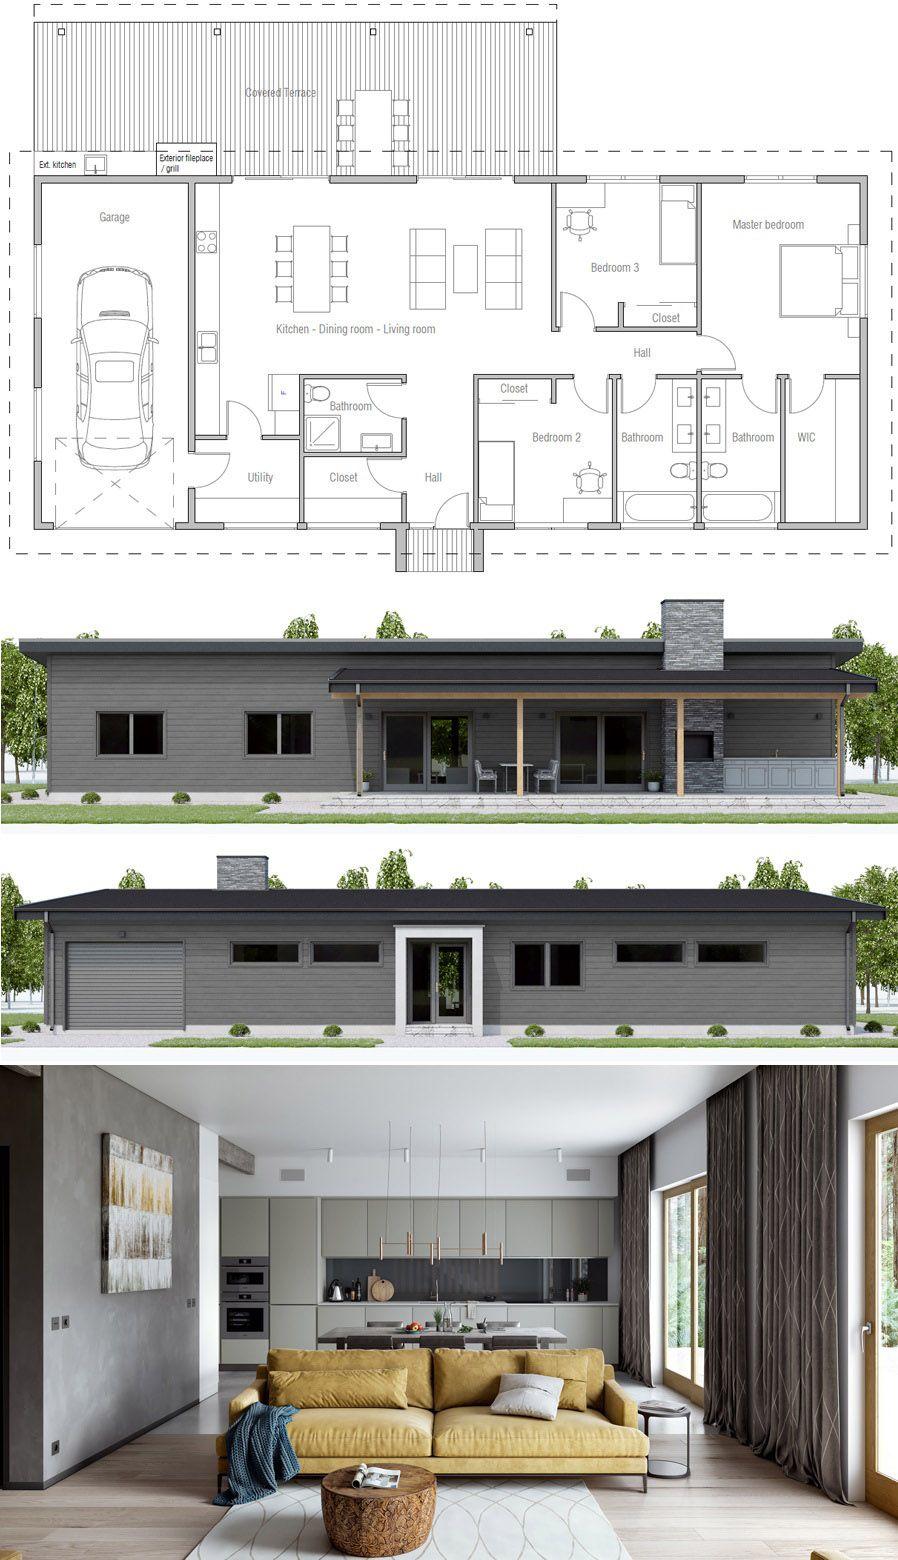 Floor plan floorplans homeplans house also architecture in rh pinterest